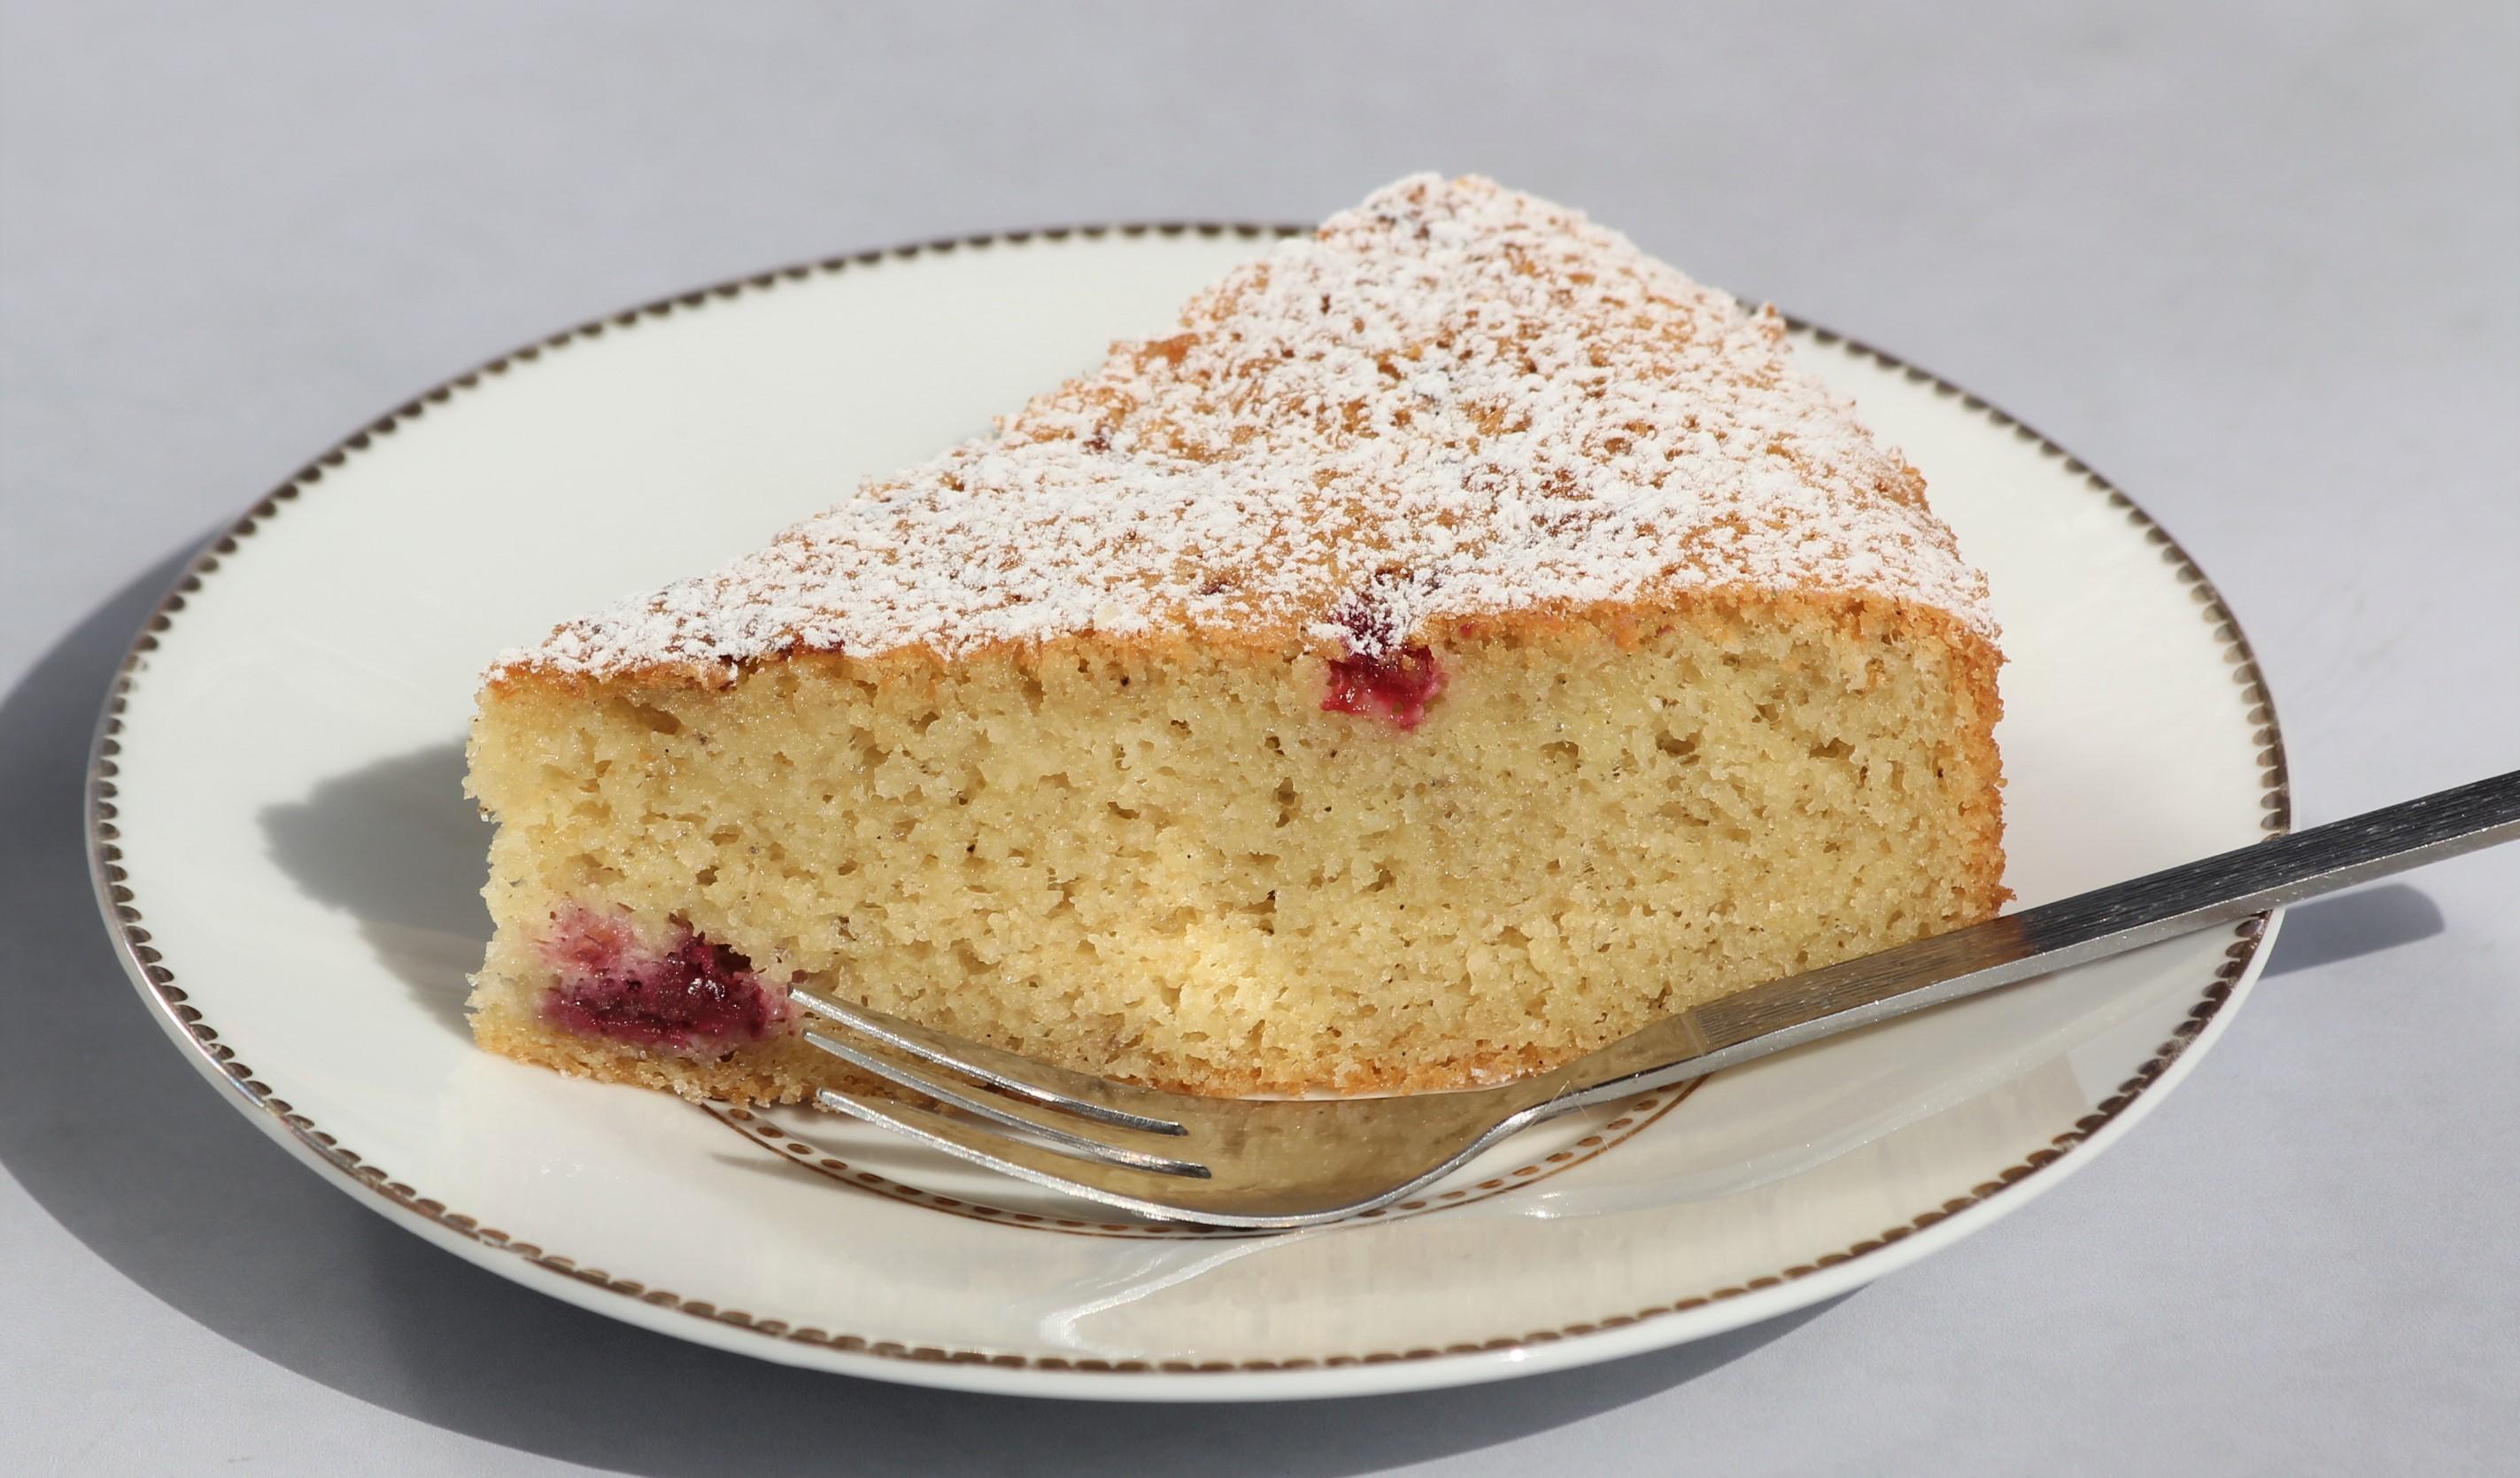 עוגת לימון ופטל ללא גלוטן צילום: אסי רוזיצנר